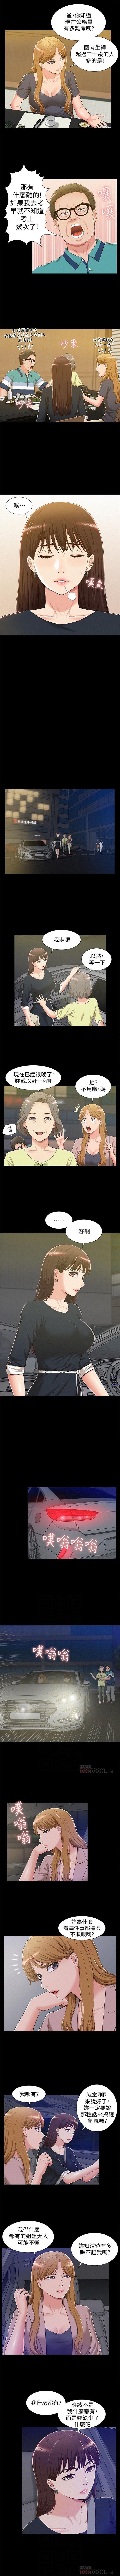 (周4)难言之隐 1-20 中文翻译(更新中) 42